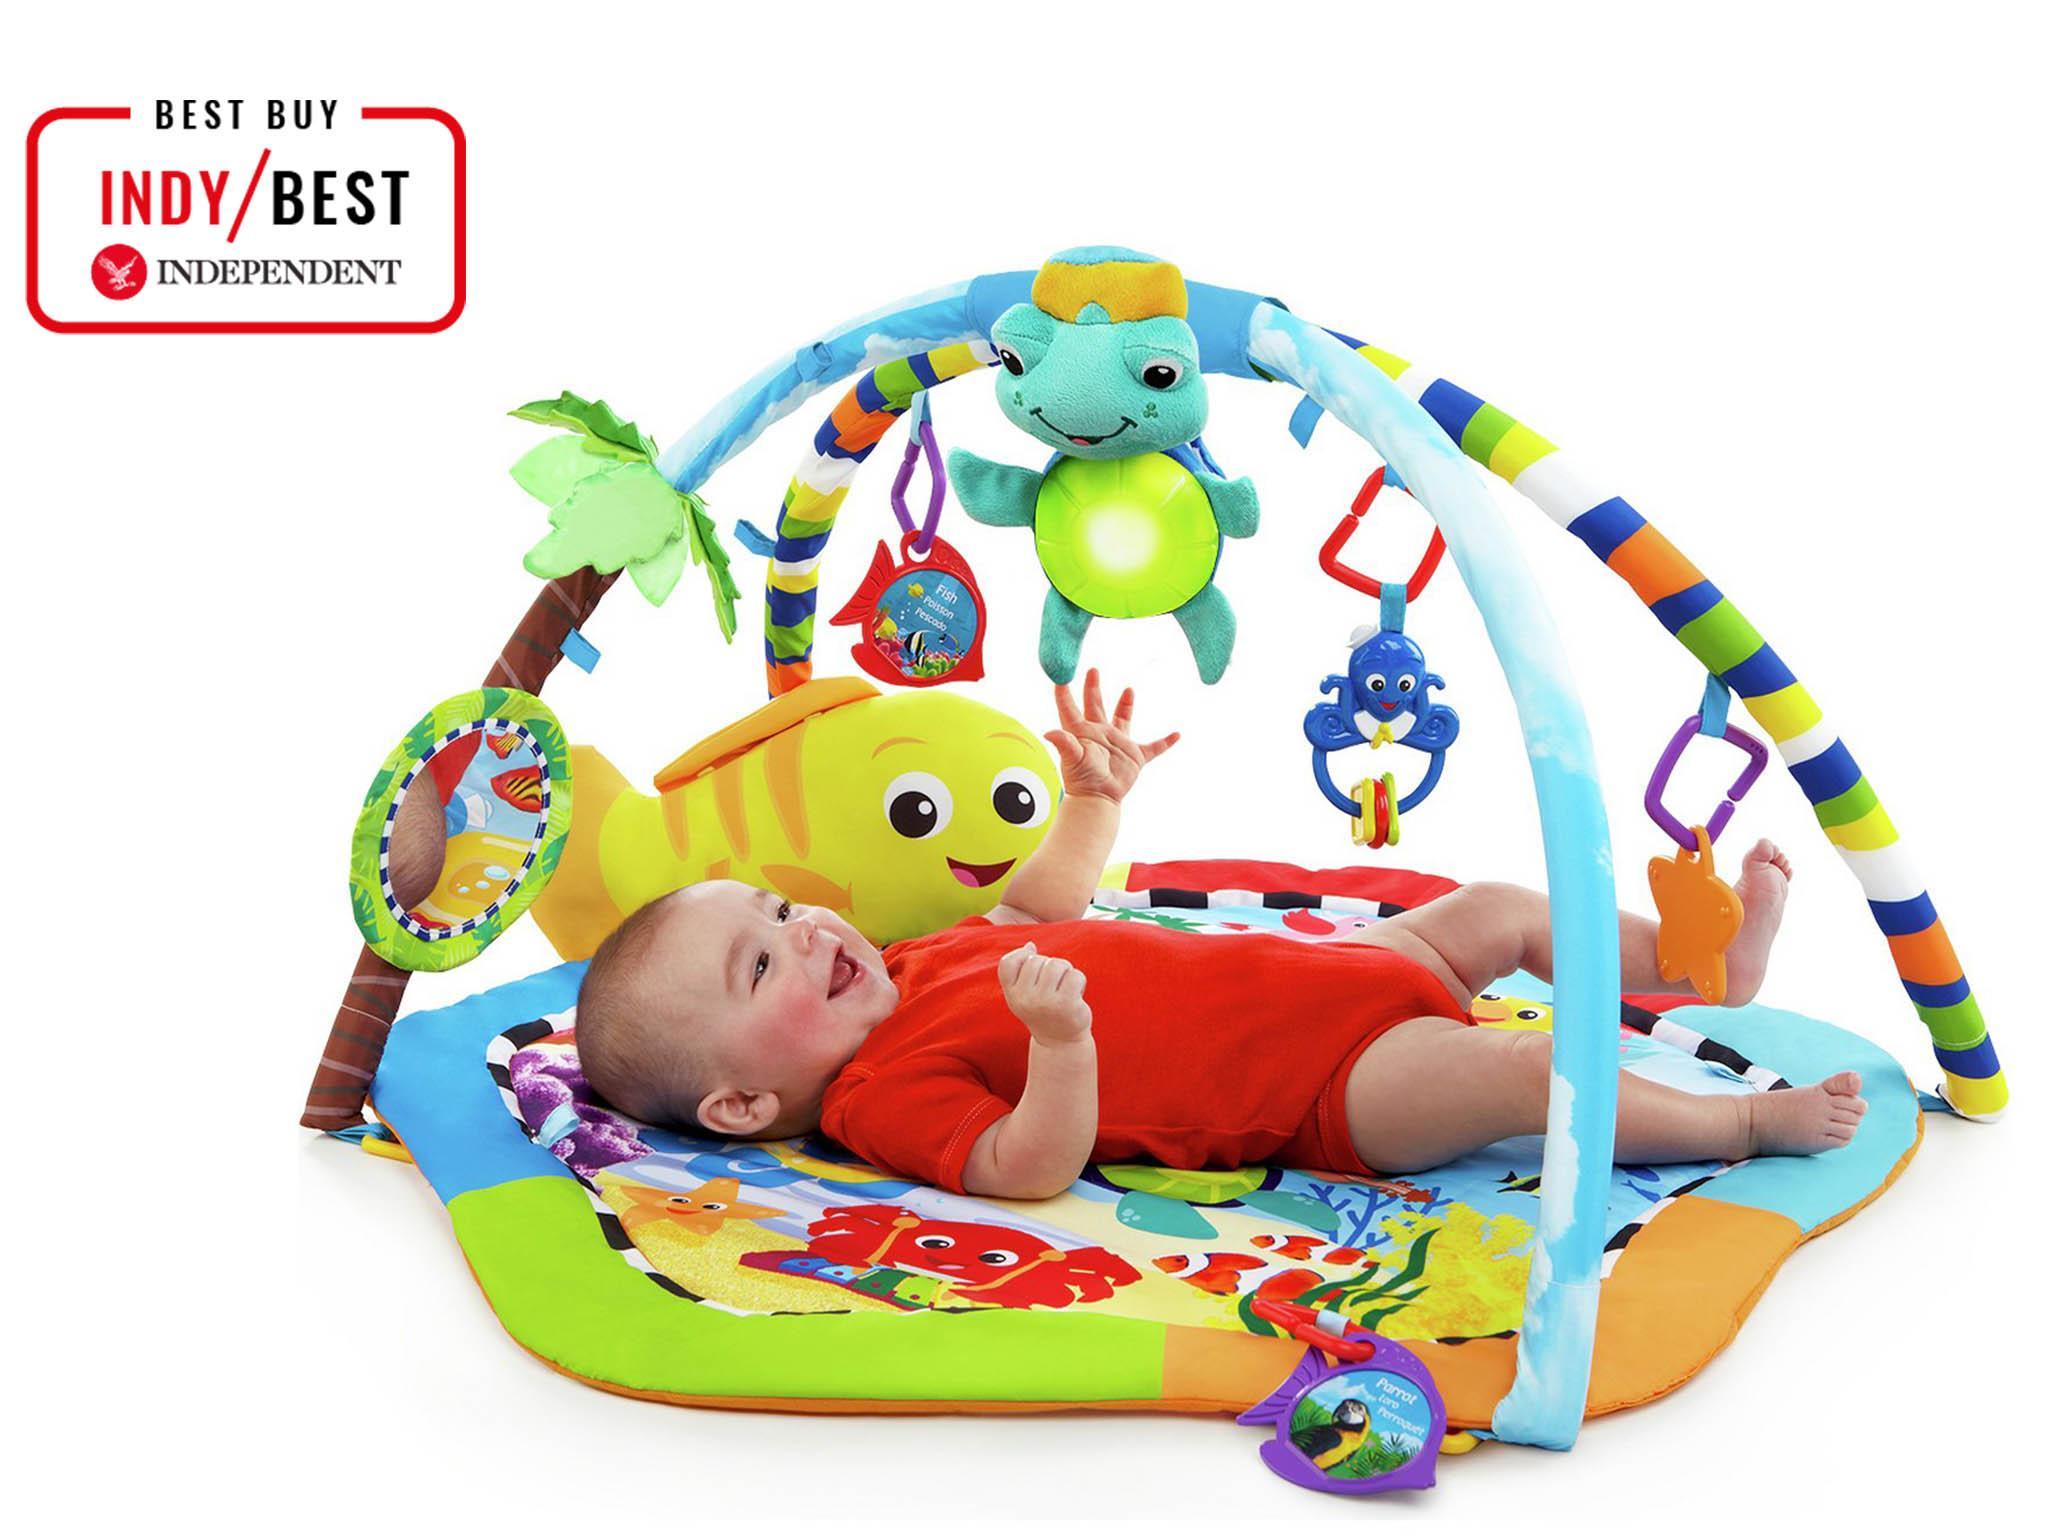 dc3082db5f991b Argos baby Einstein rhythm reef play gym: £31.99, Argos